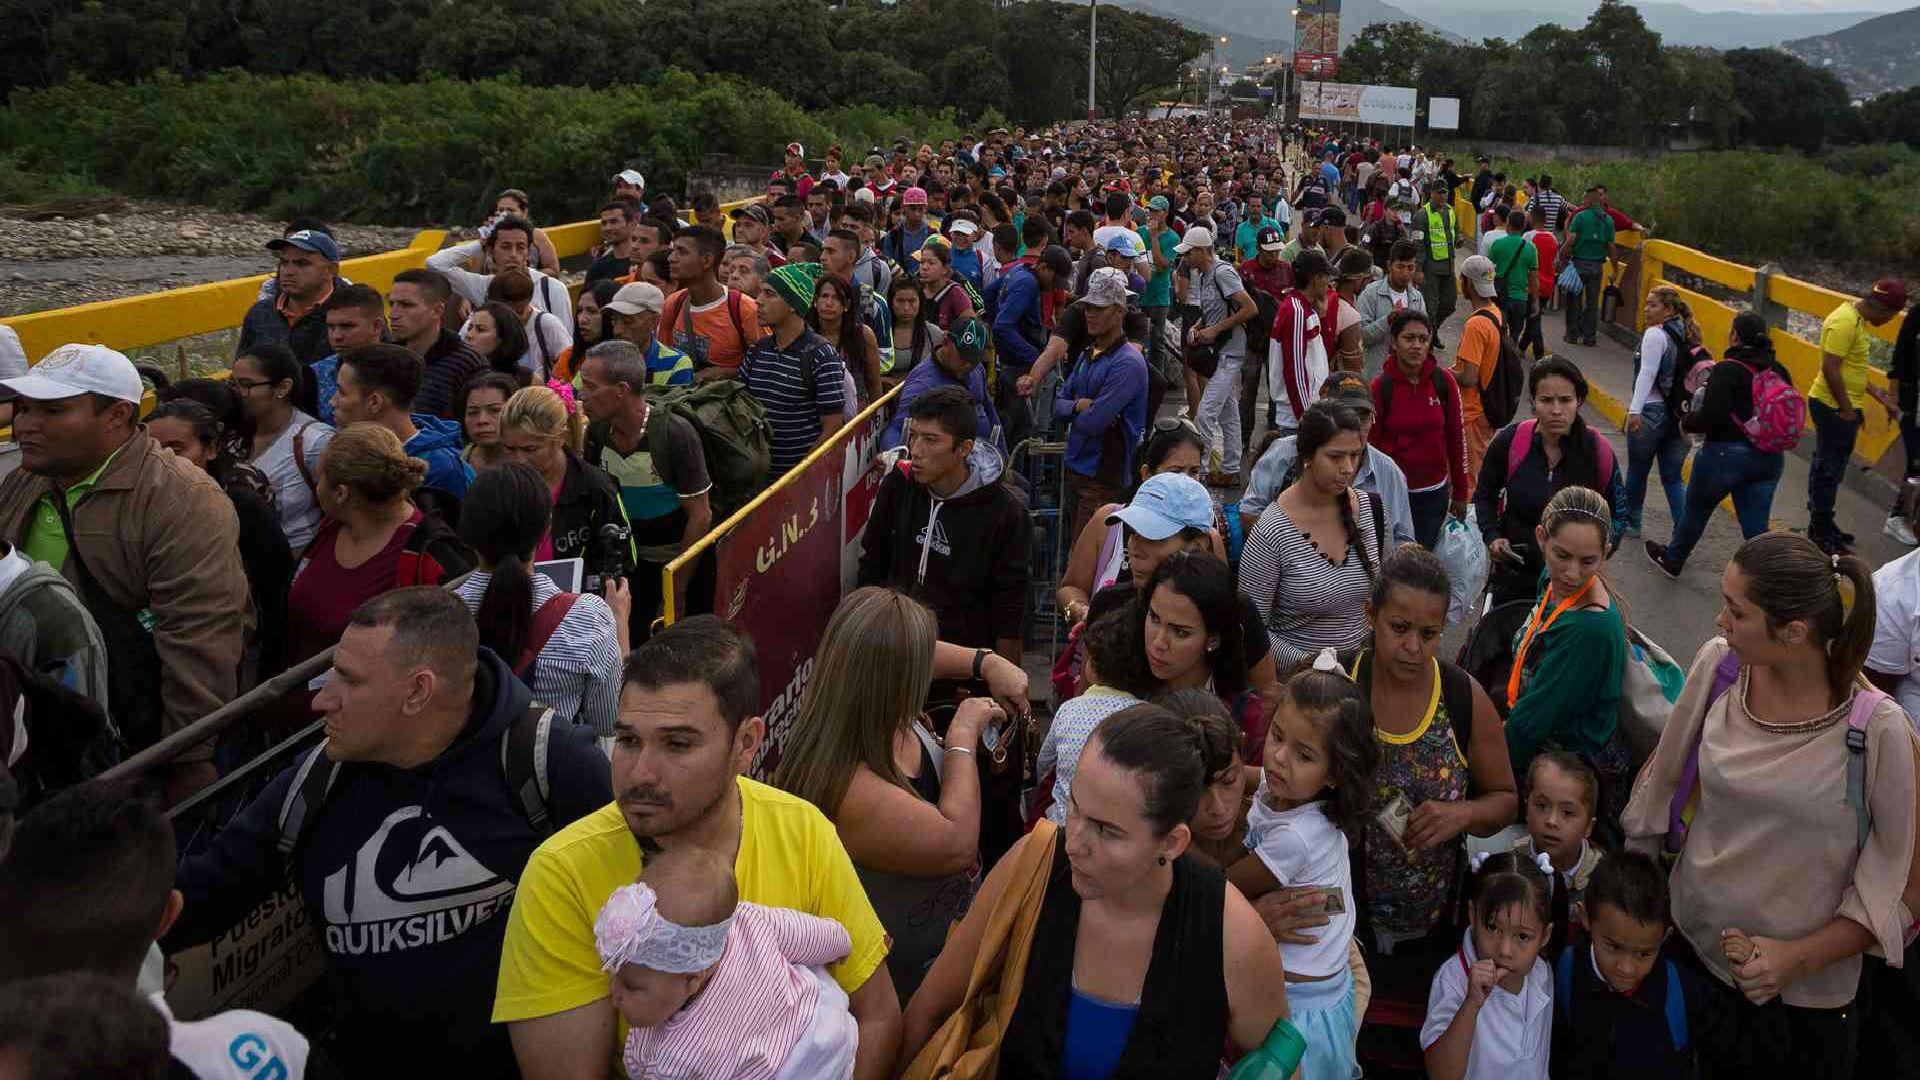 Colombia reclama atención a crisis migratoria venezolana similar a la siria